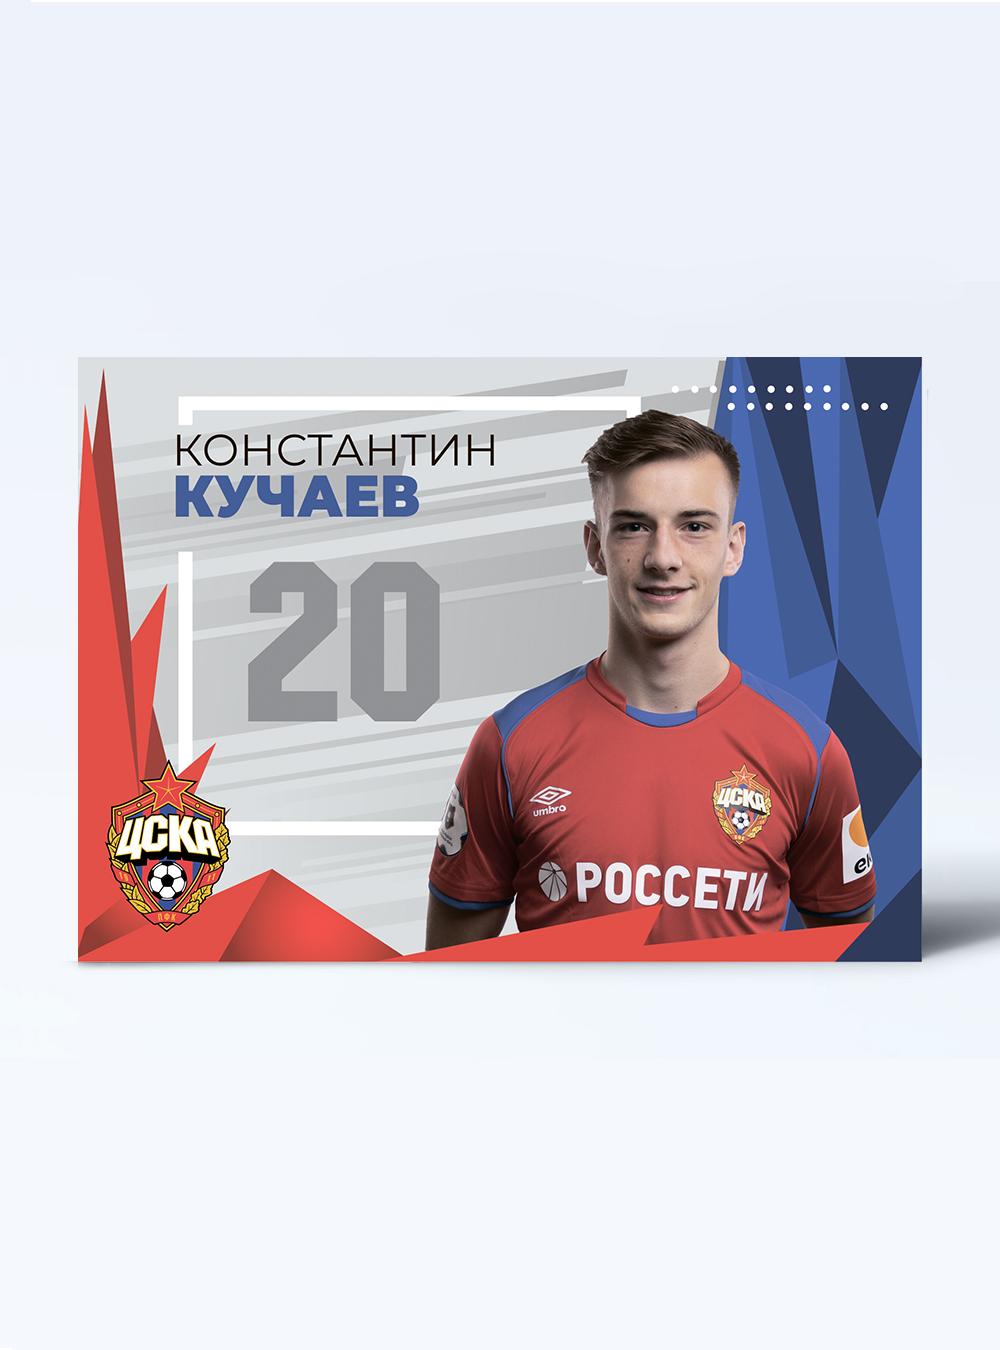 Карточка для автографа Кучаев 2019/2020 фото